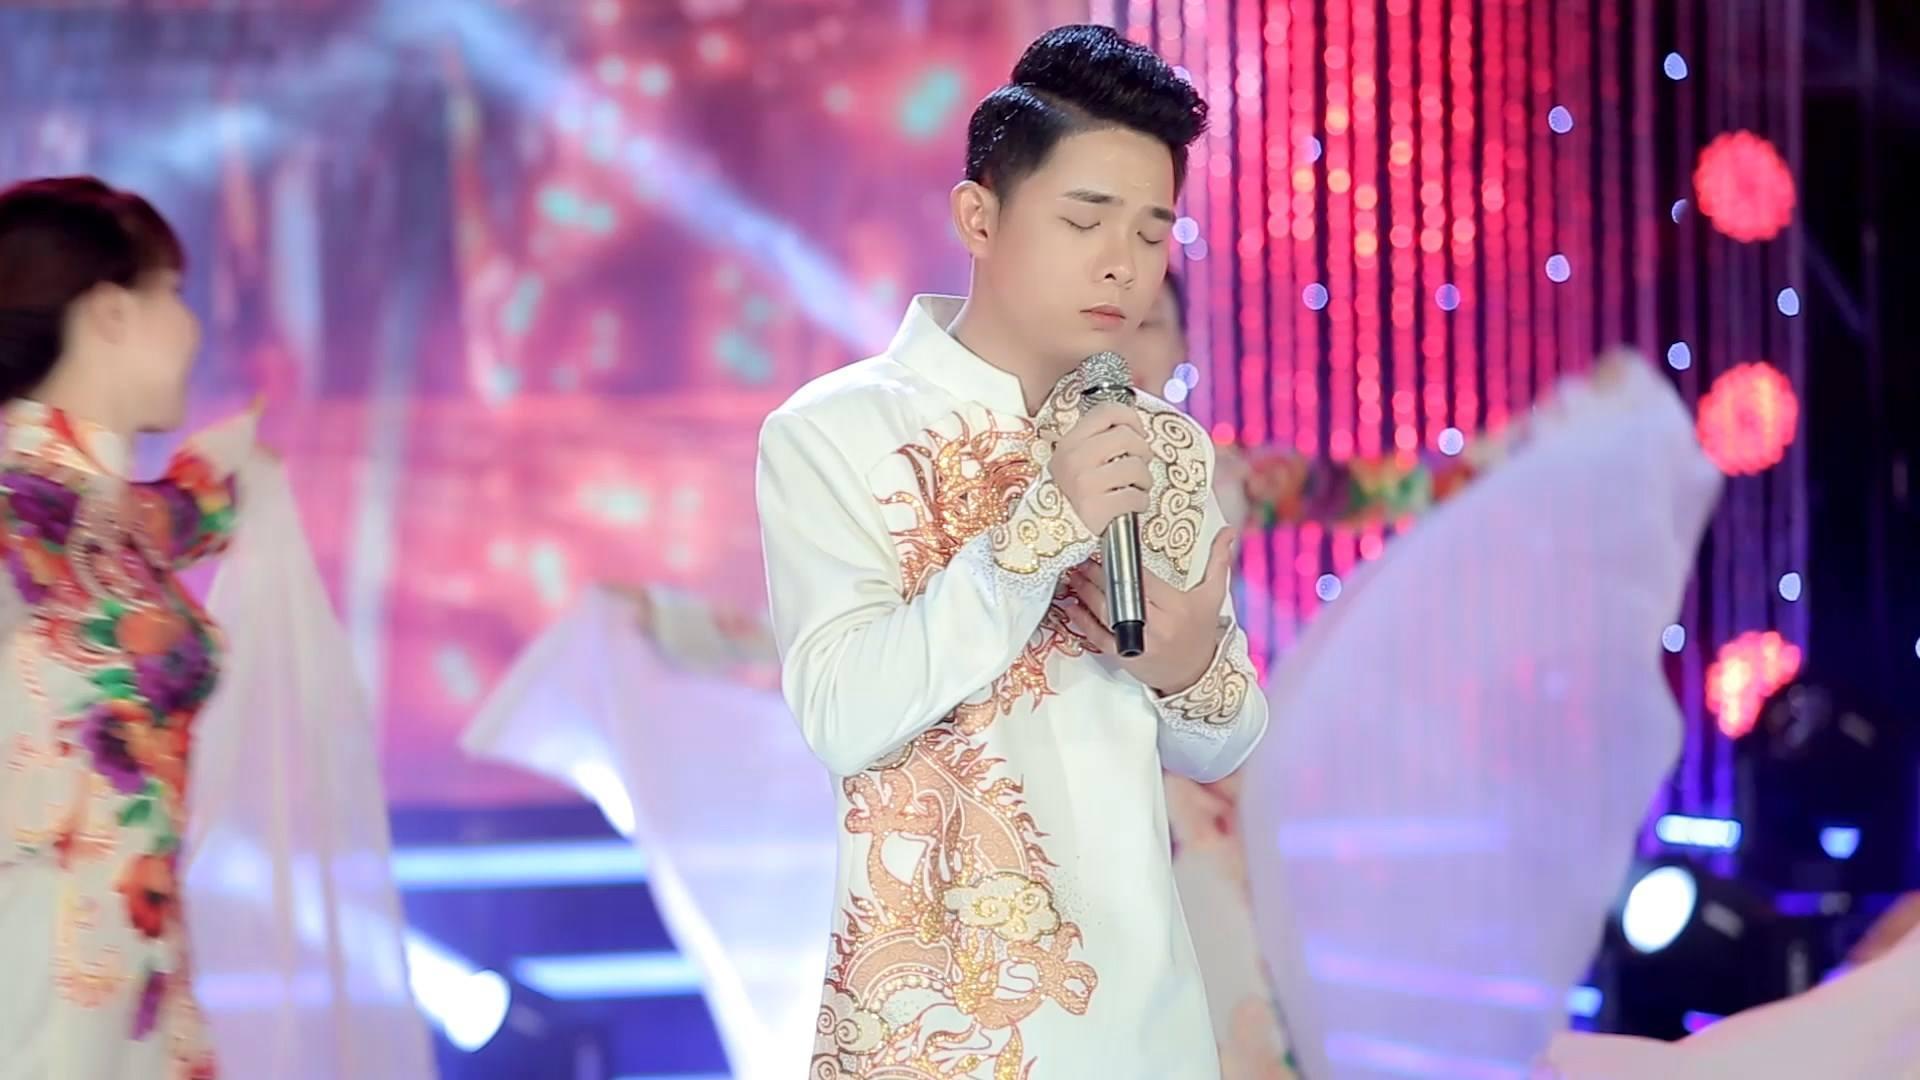 Hai chàng trai gây bão khi cover nhạc trữ tình ngọt lịm, chứng minh là fan cứng Quang Lê - Phi Nhung-4